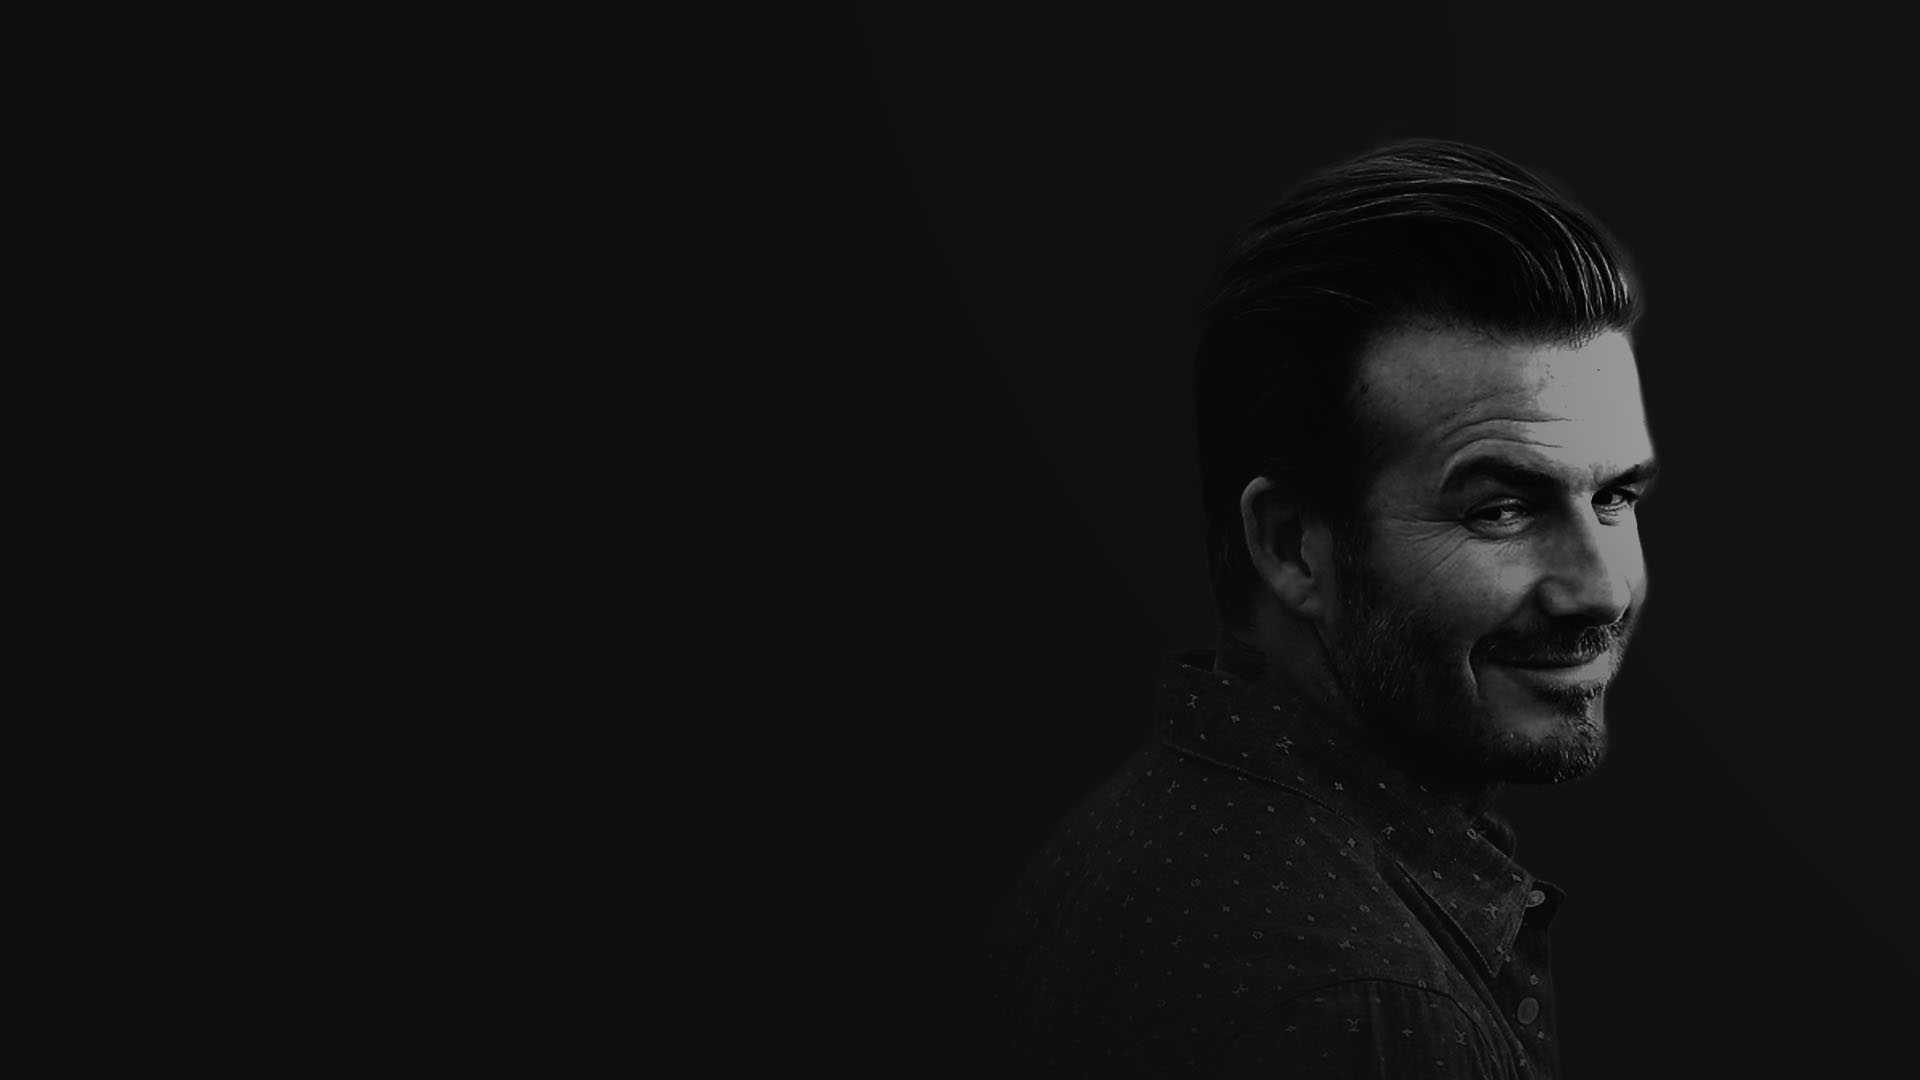 David Beckham Wallpapers HD